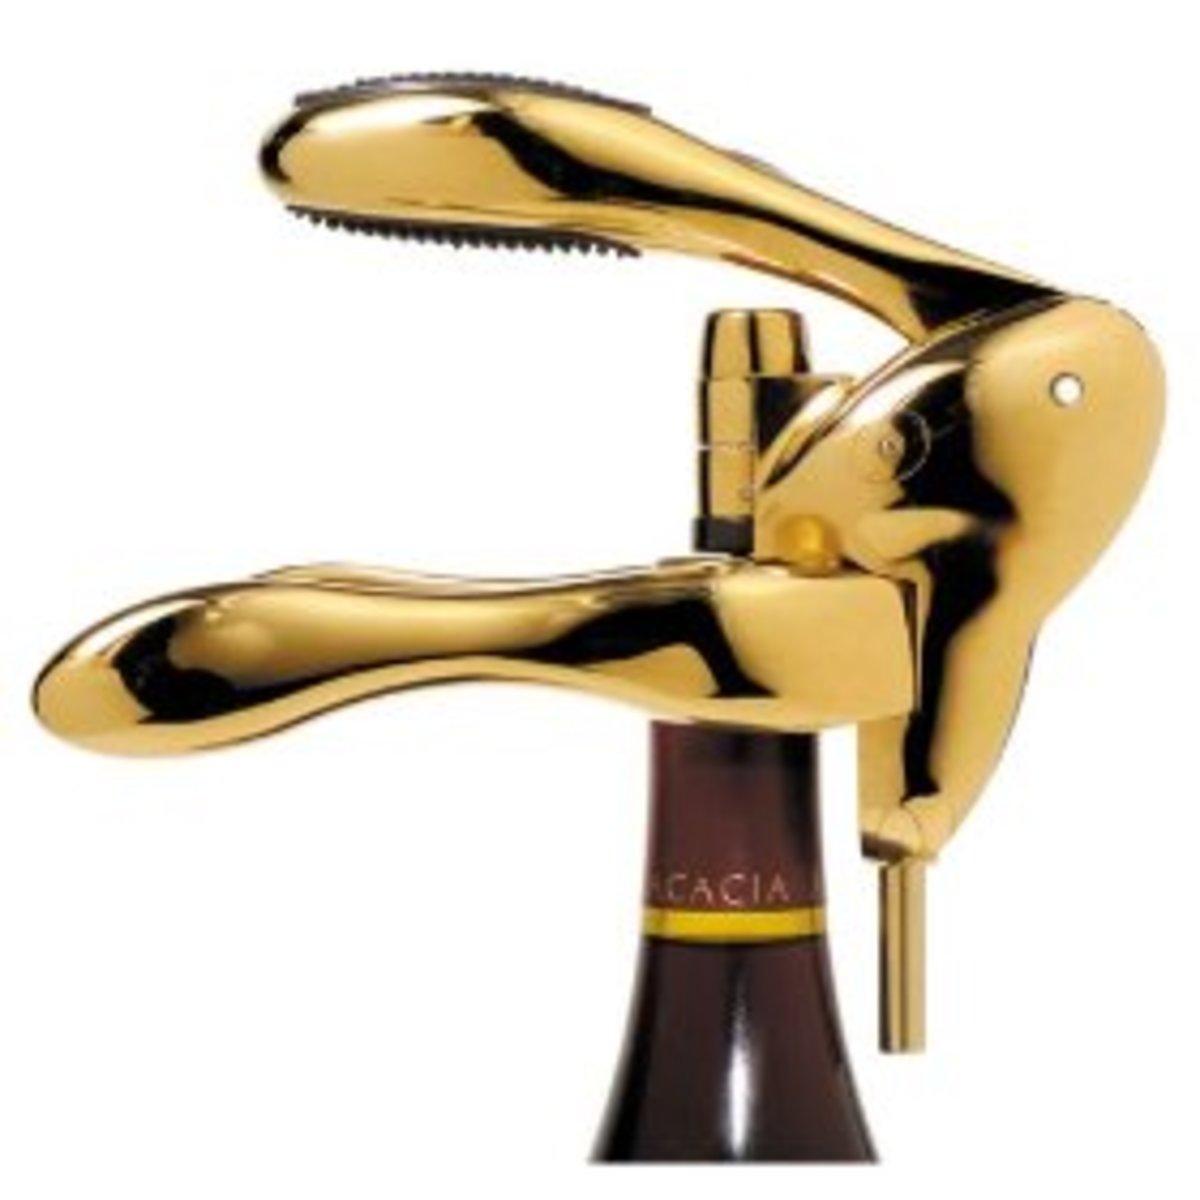 Screwpull lever corkscrew